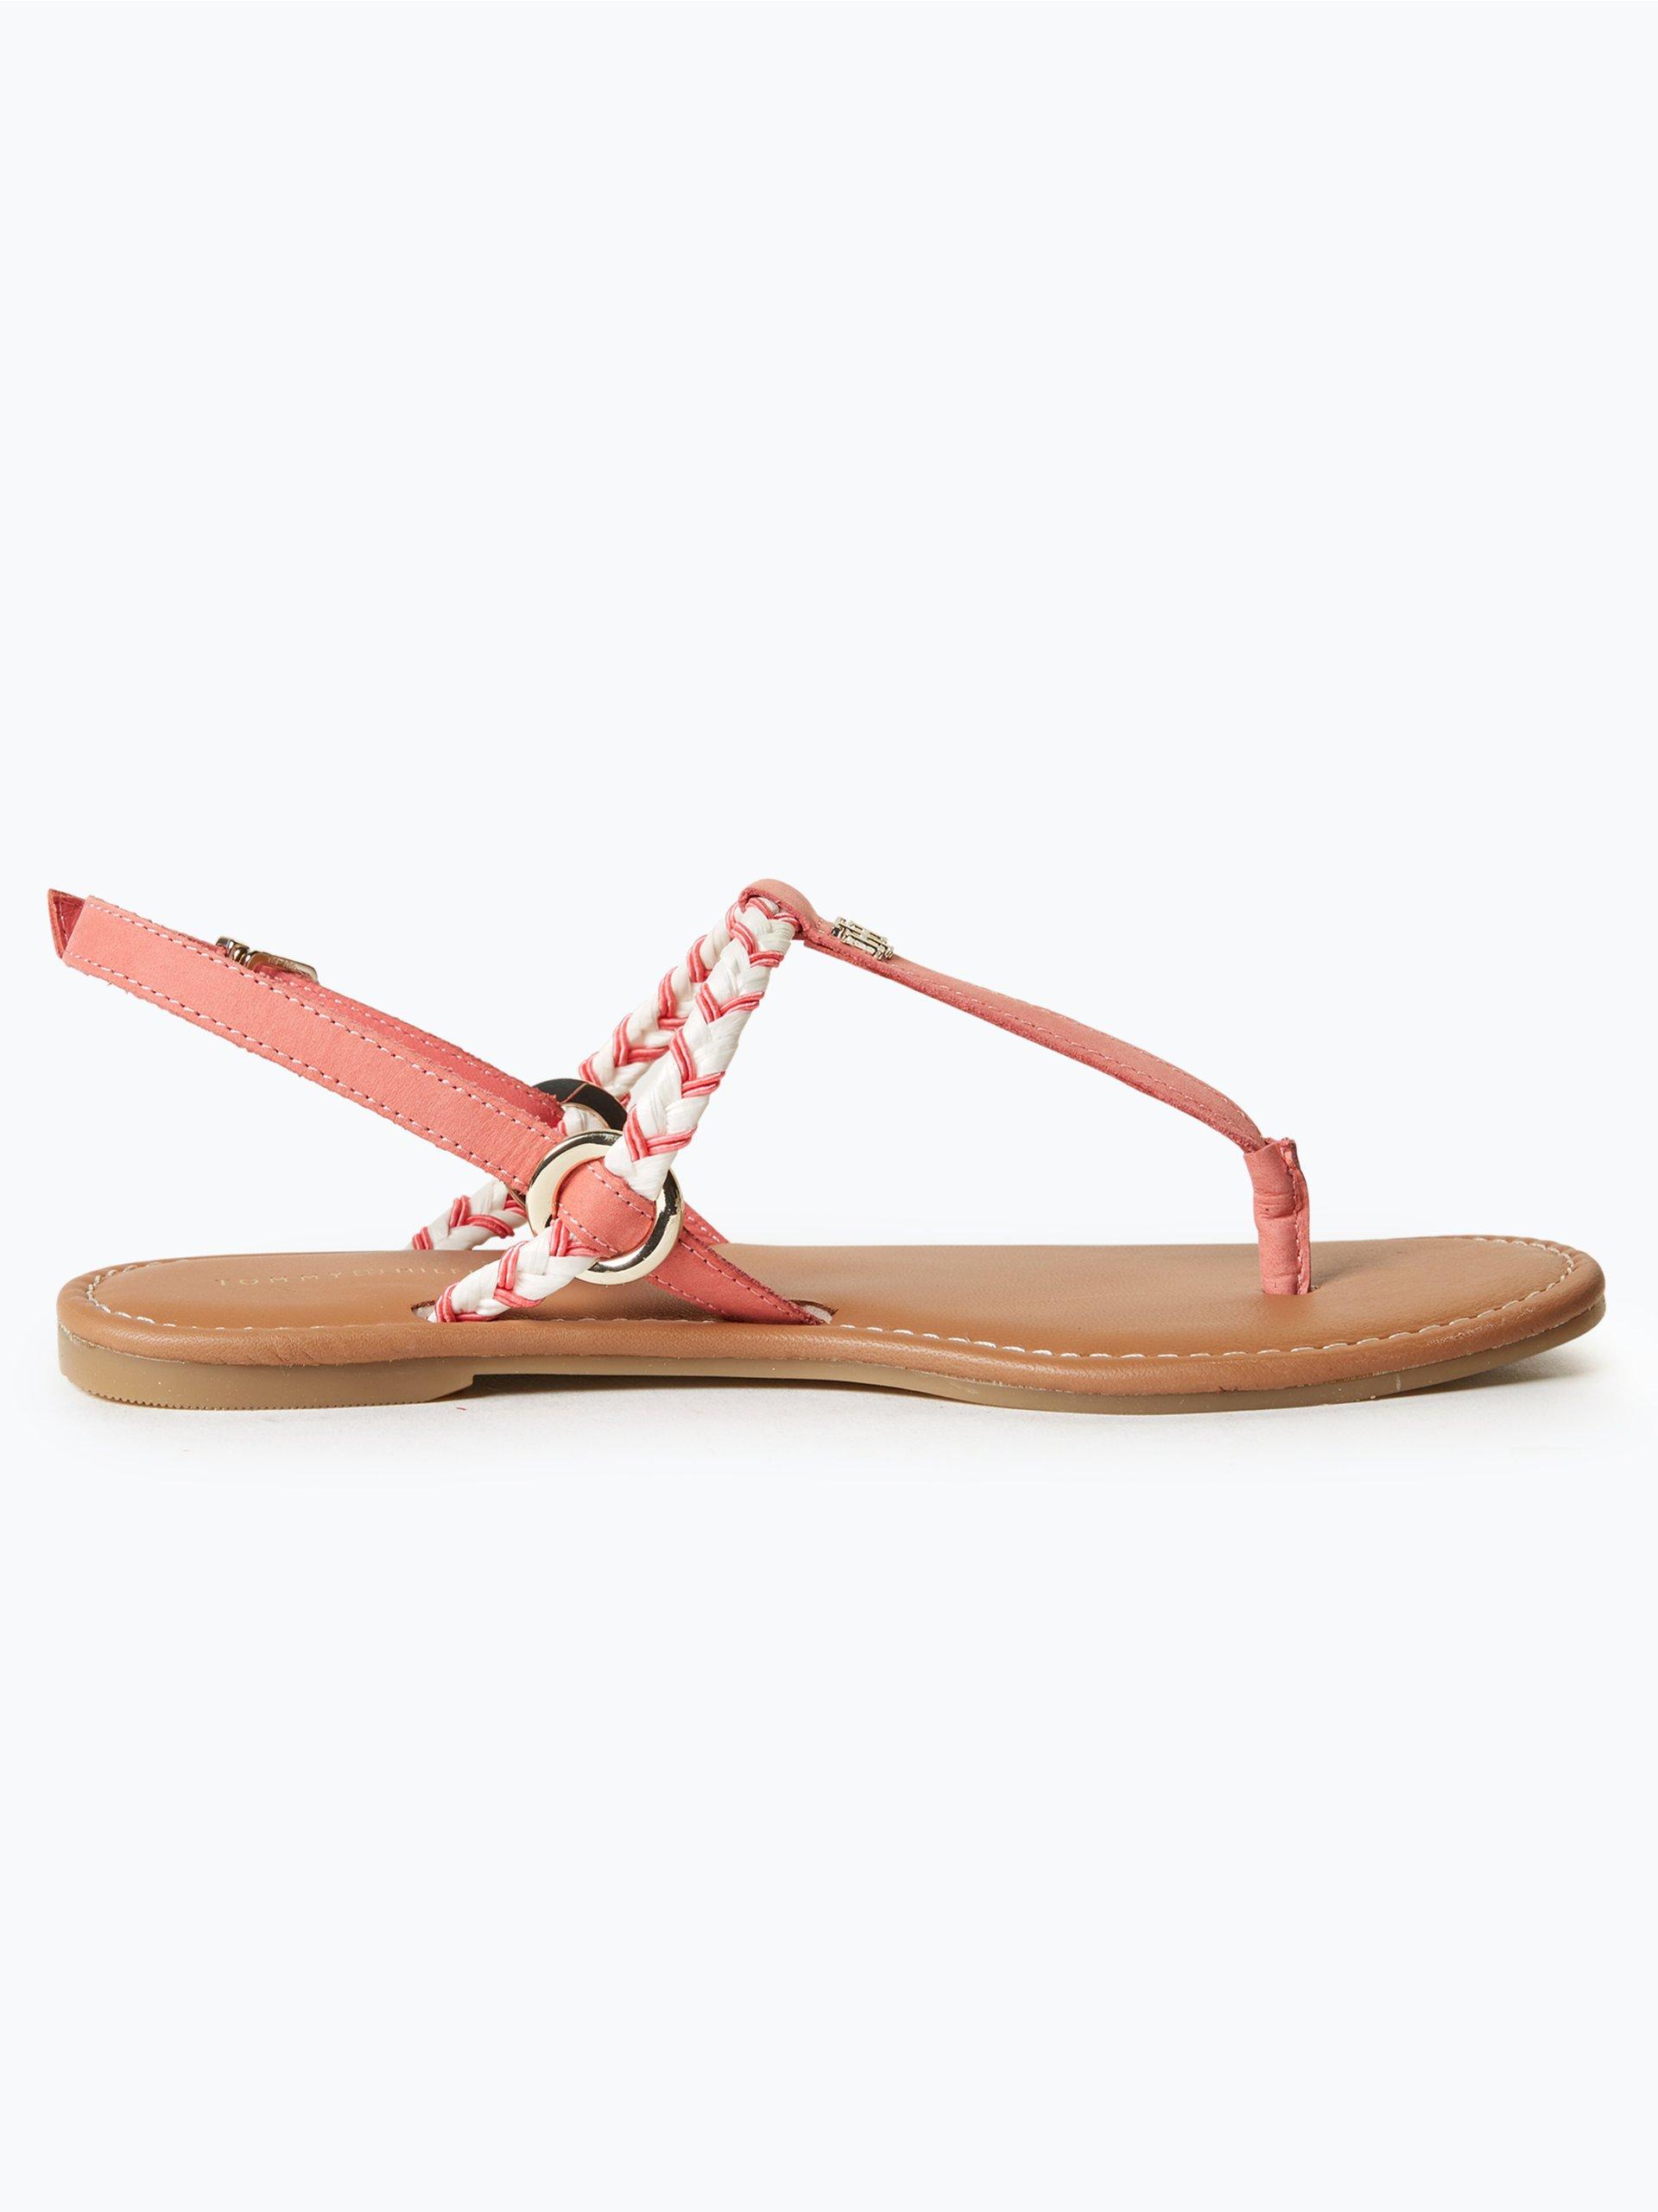 tommy hilfiger damen sandalen aus leder koralle uni online. Black Bedroom Furniture Sets. Home Design Ideas